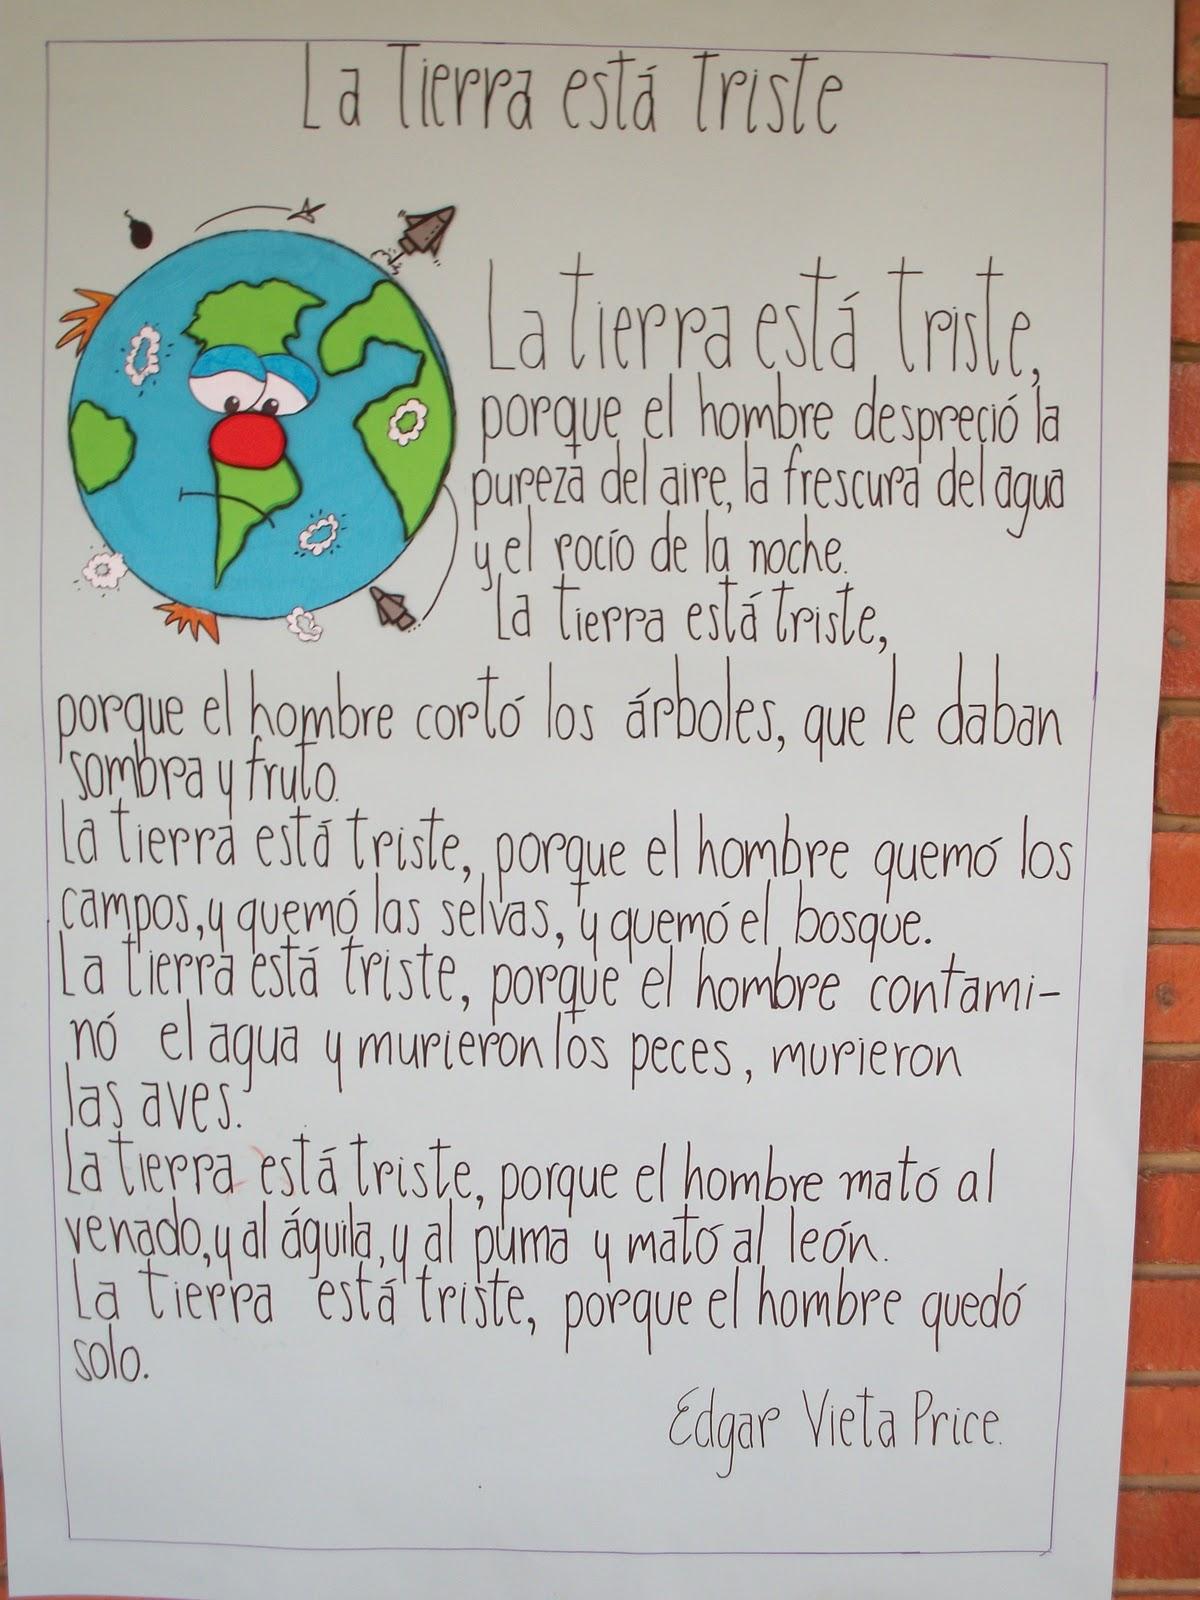 Las siguientes imagenes son de la campaña de reciclaje en el colegio: